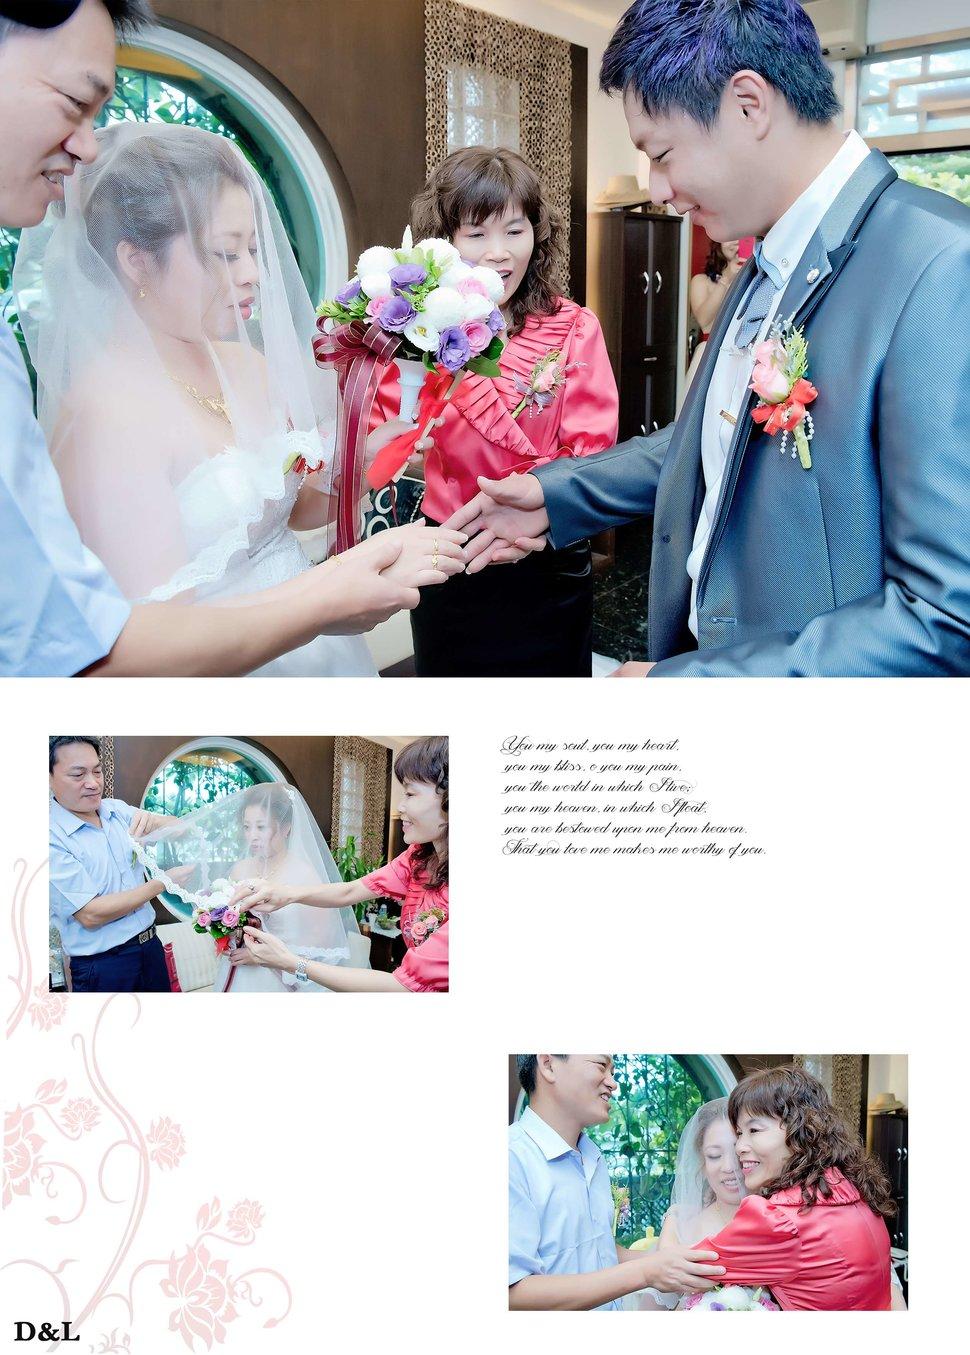 雲林婚攝 婚禮紀錄 結婚午宴 喜洋洋宴會廳雲林 平面攝影(編號:253237) - D&L 婚禮事務-婚紗攝影/婚禮攝影 - 結婚吧